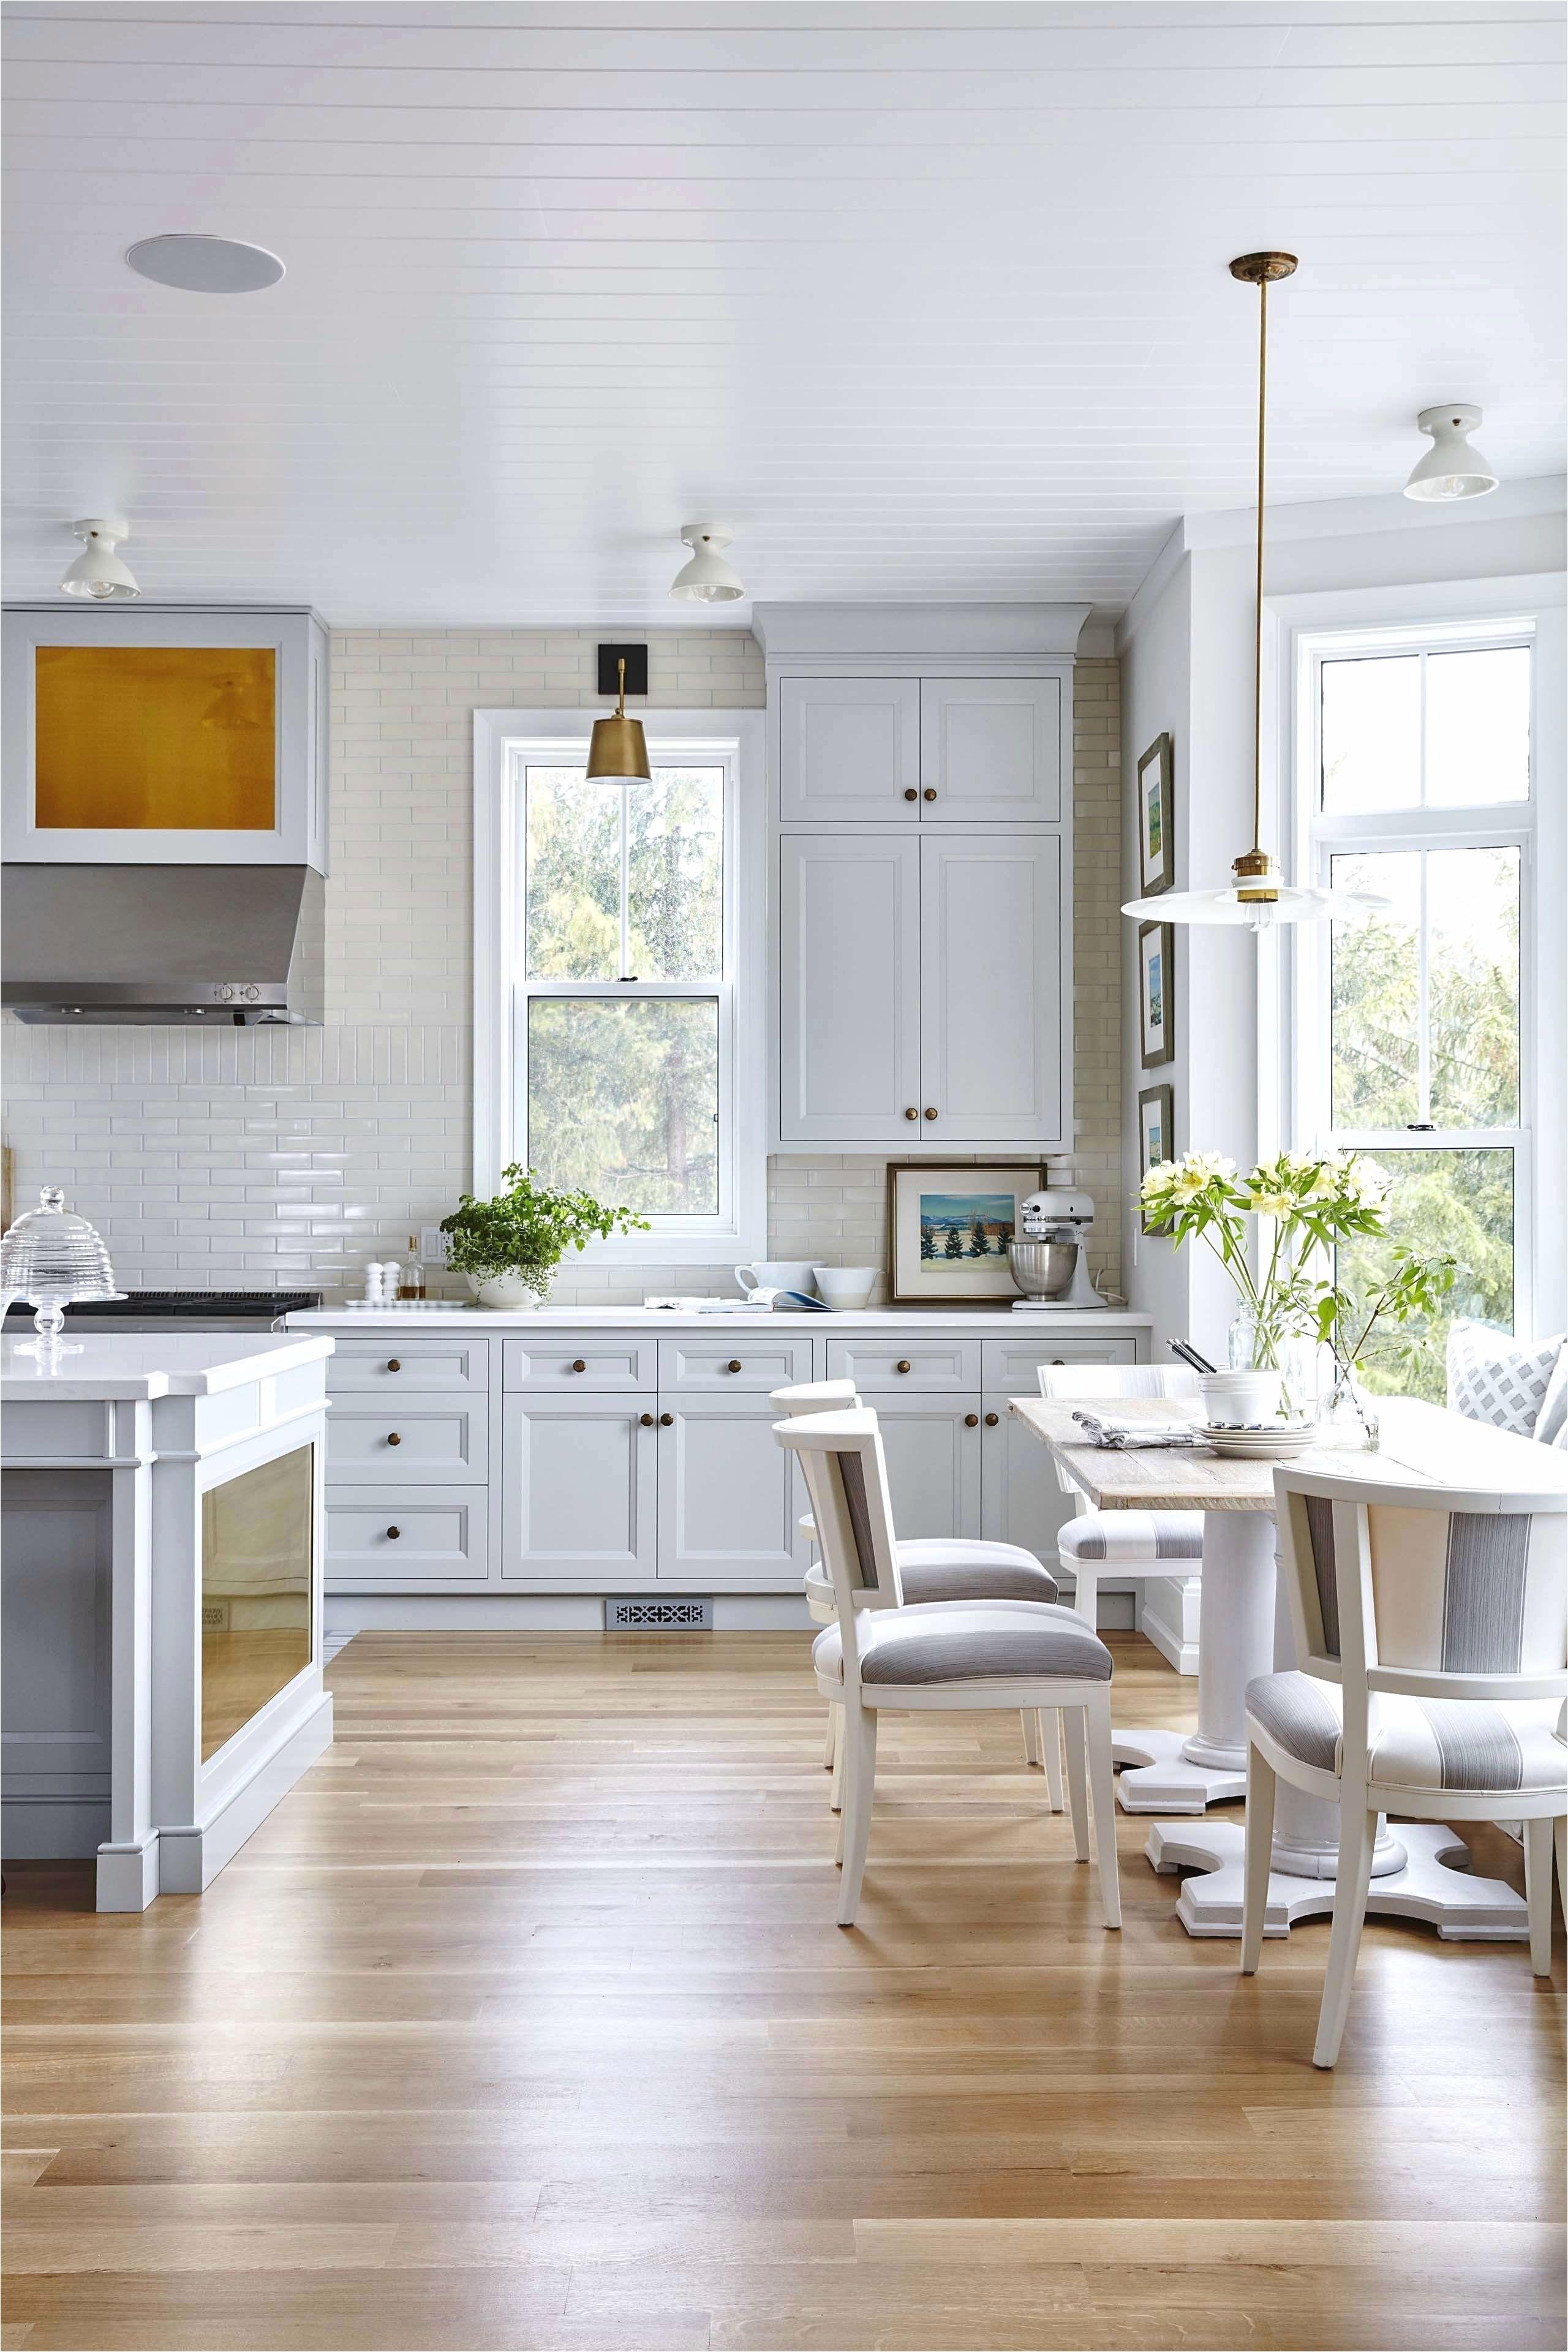 0d kitchen breakfast bar design ideas best of kitchen breakfast bar lights lovely kitchen breakfast bar